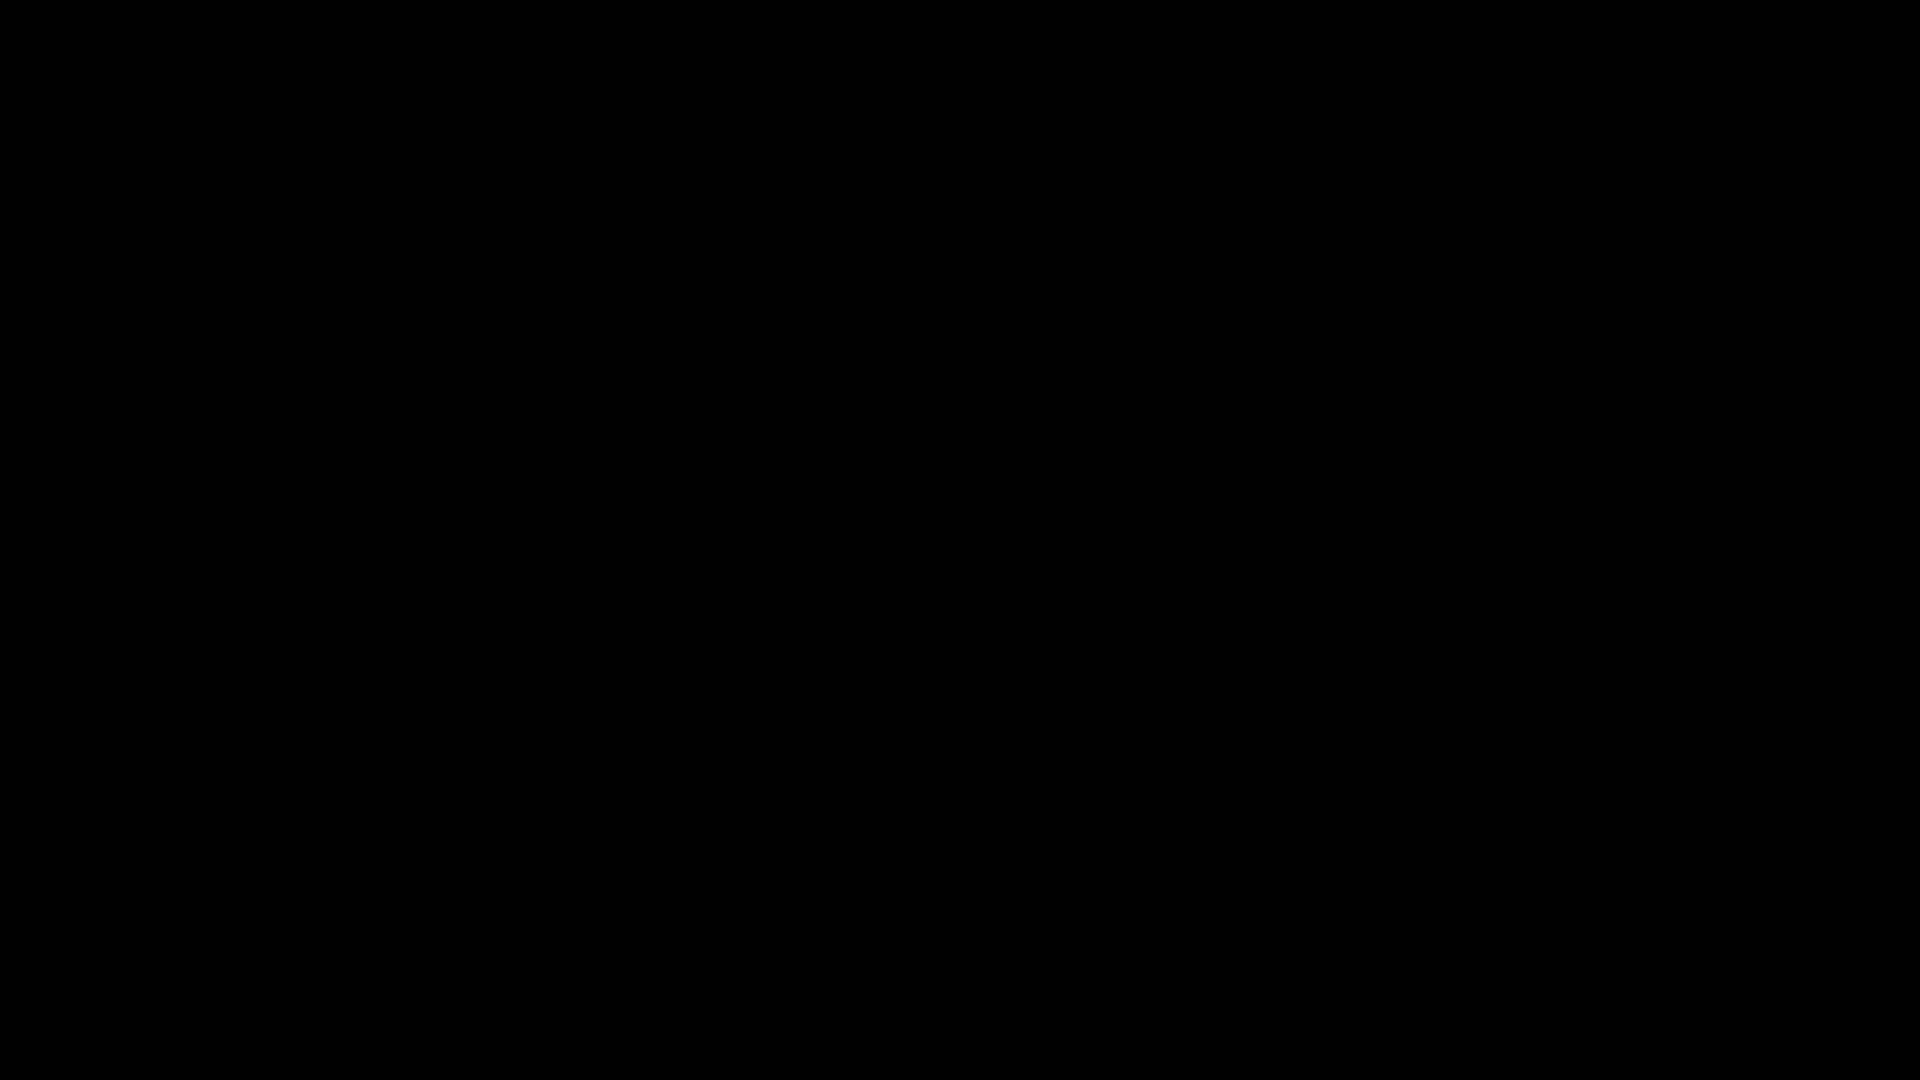 まっすぐ行く コナン - YouTube